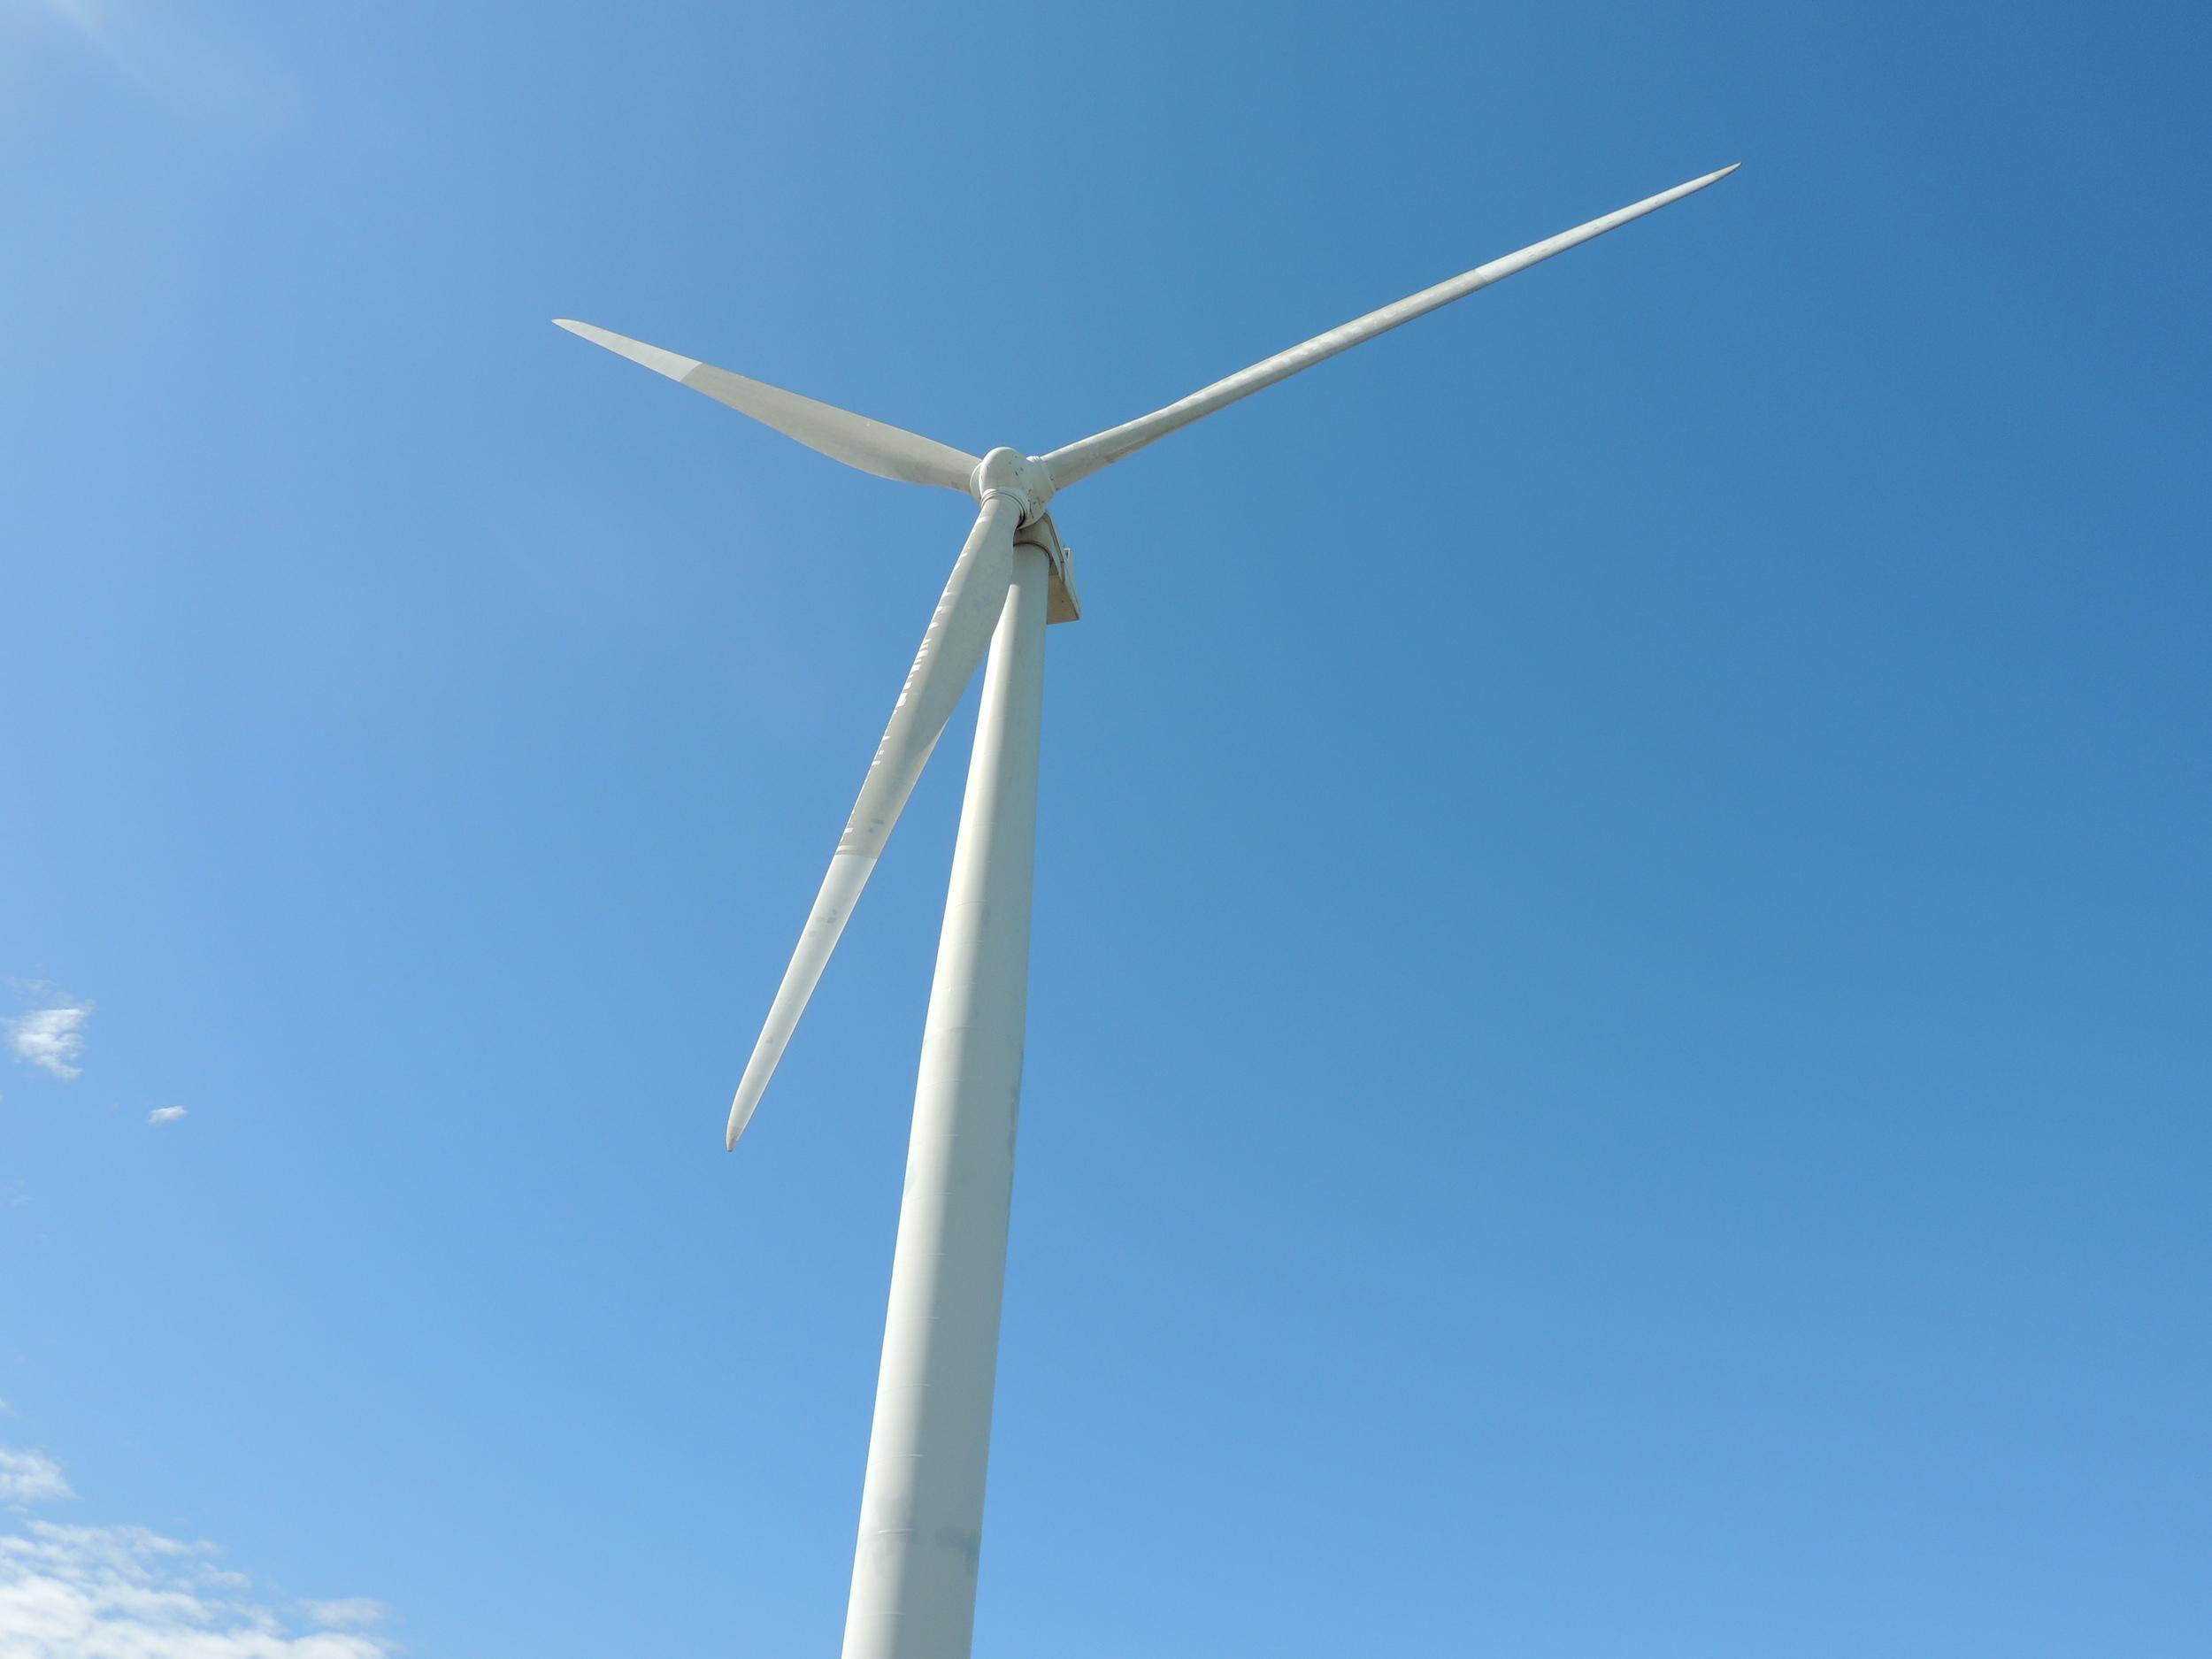 bangui windmills ilocos norte pagudpug 1.JPG